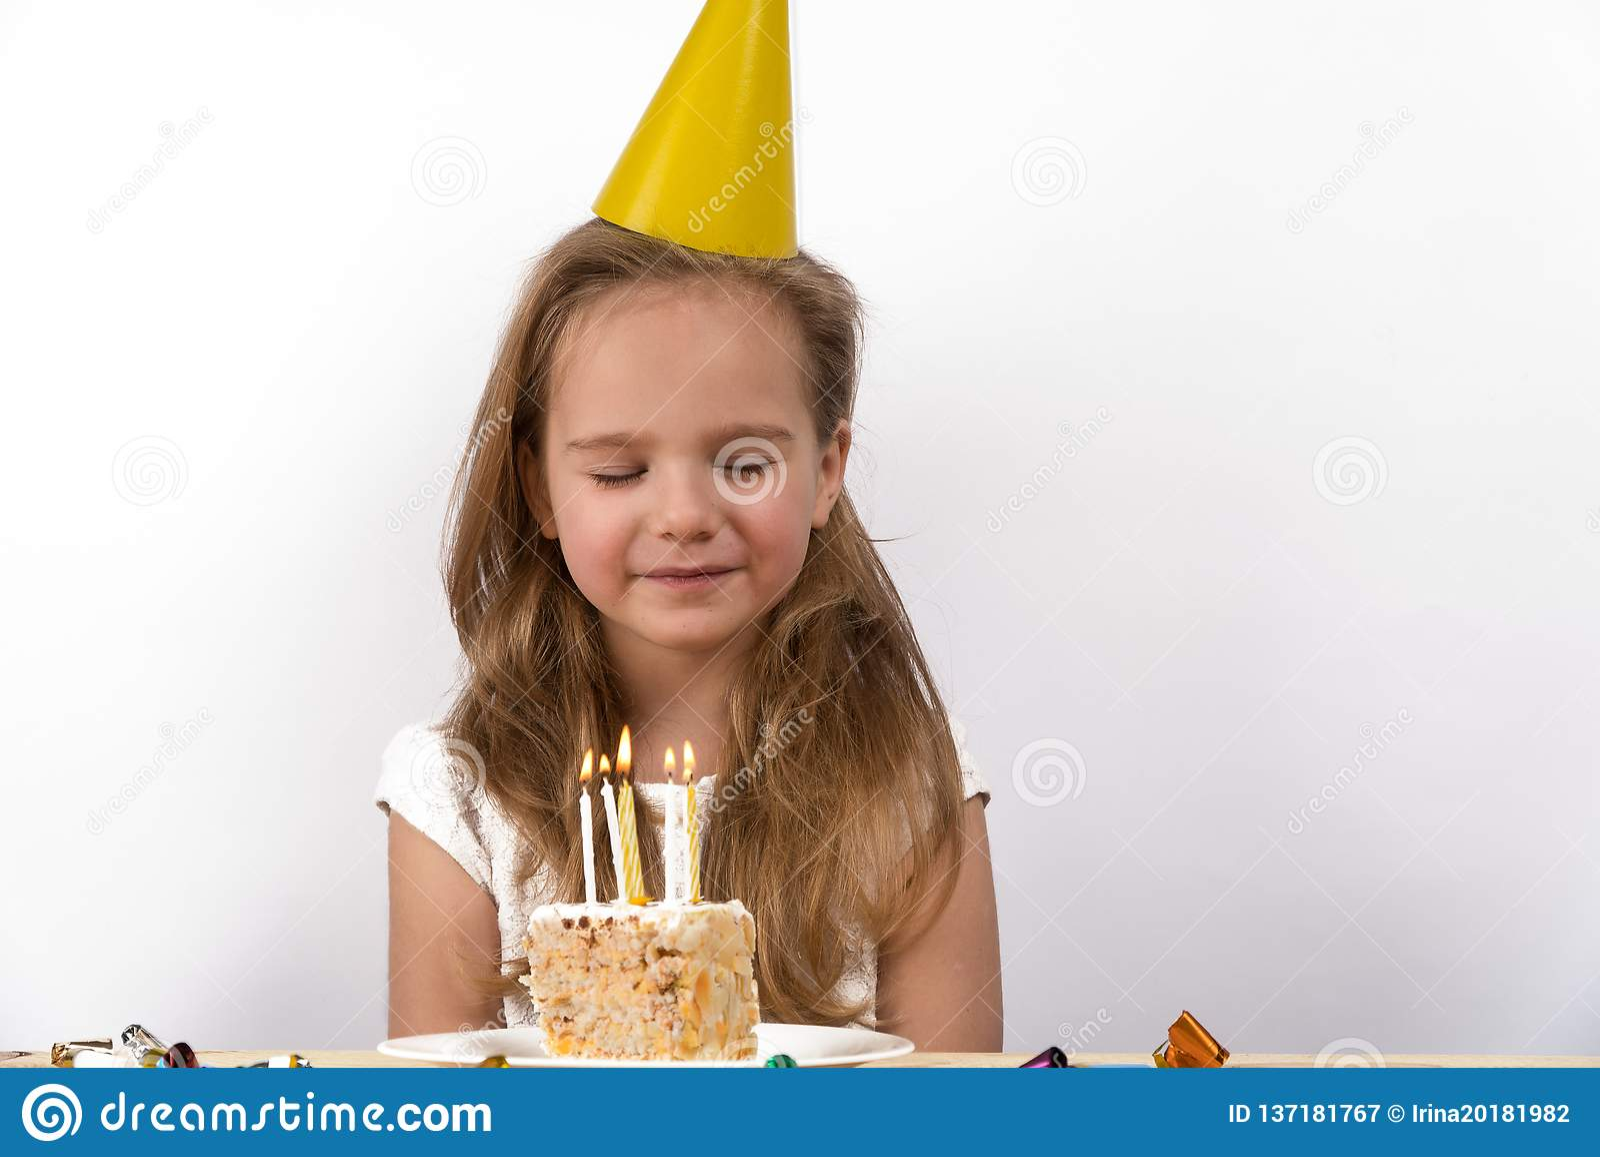 Funda para fora velas fazem uma criança do aniversário do desejo